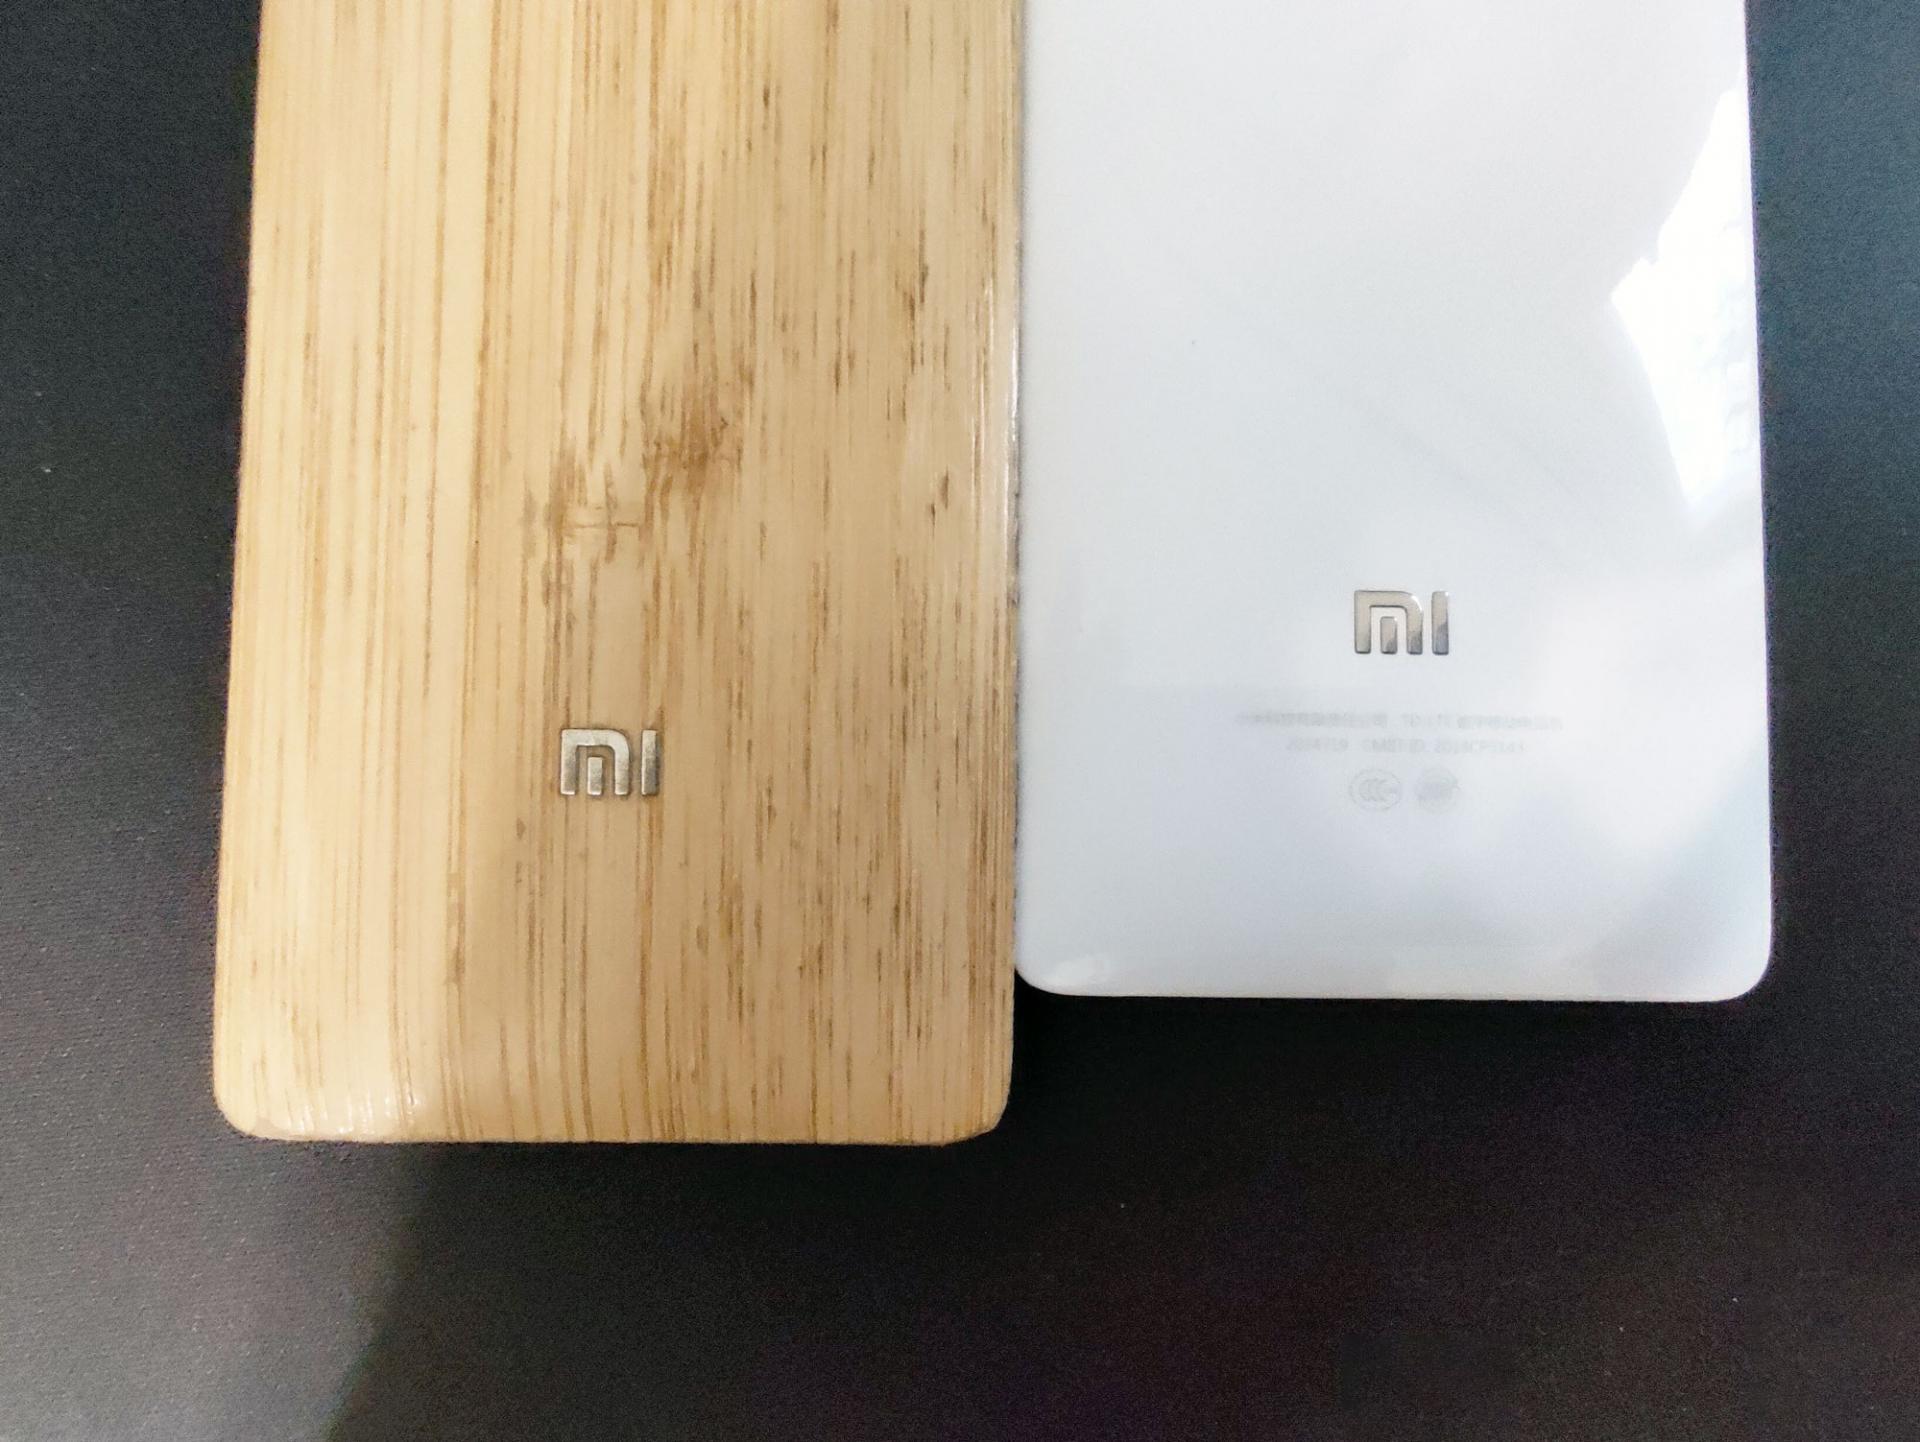 Среди 10 трендовых смартфонов 40 недели 3 Xiaomi. Один напервом месте